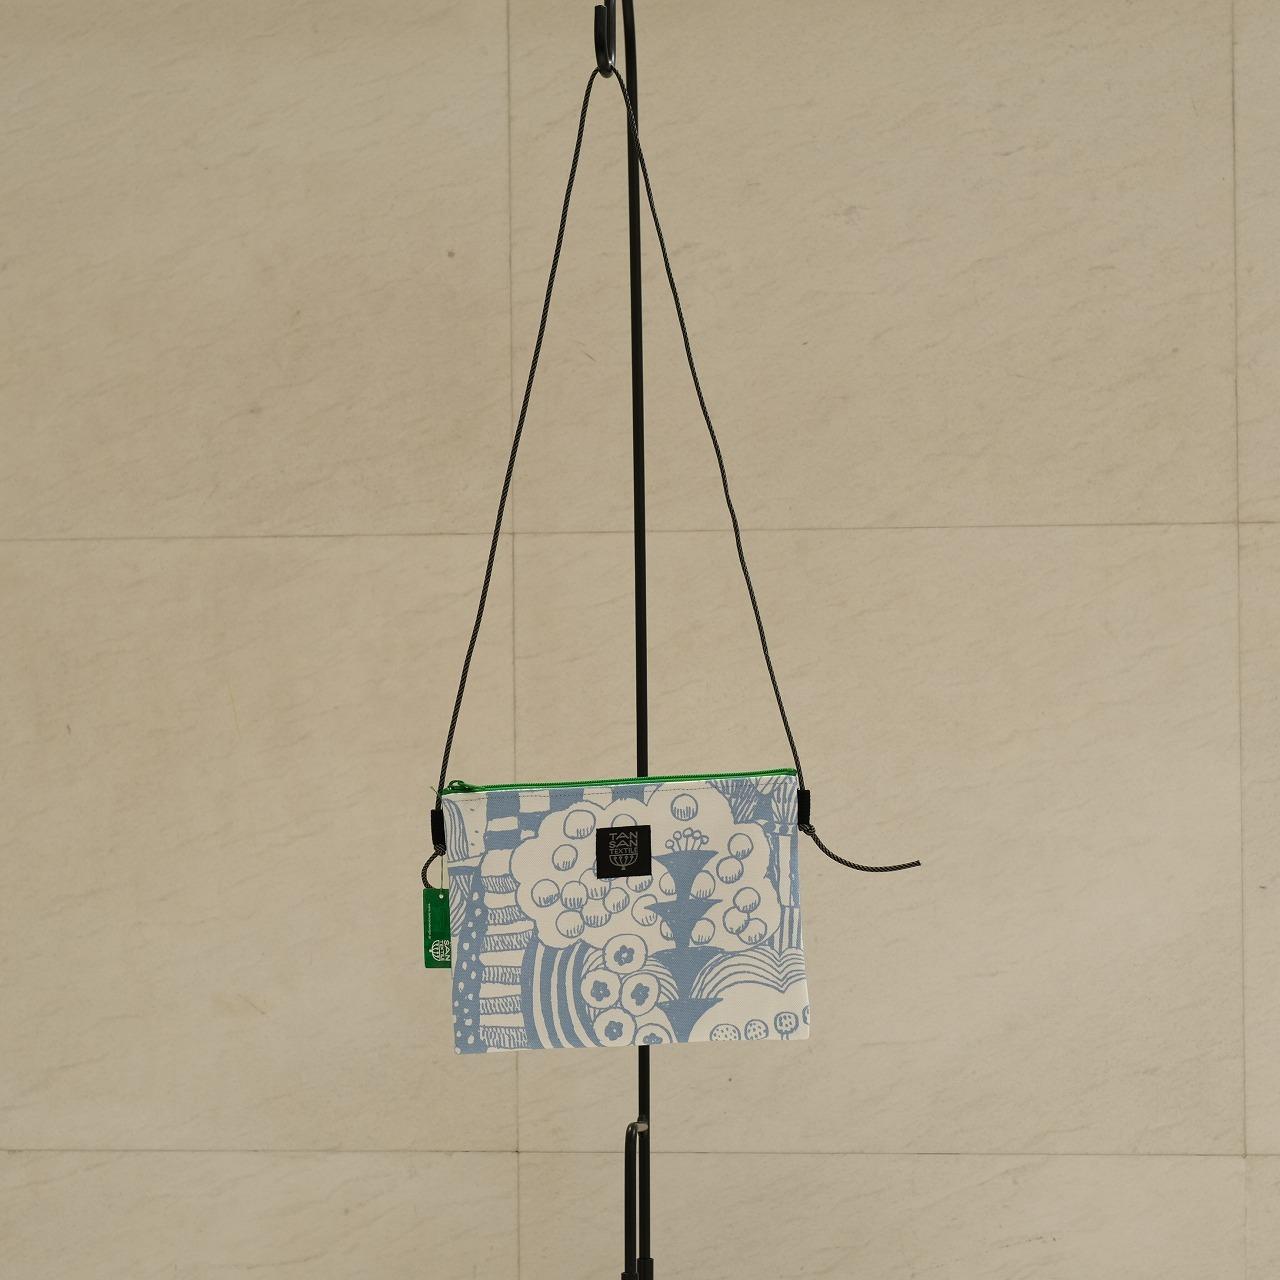 炭酸デザイン室 オンライン展示会 サコッシュ_d0182409_17021139.jpg